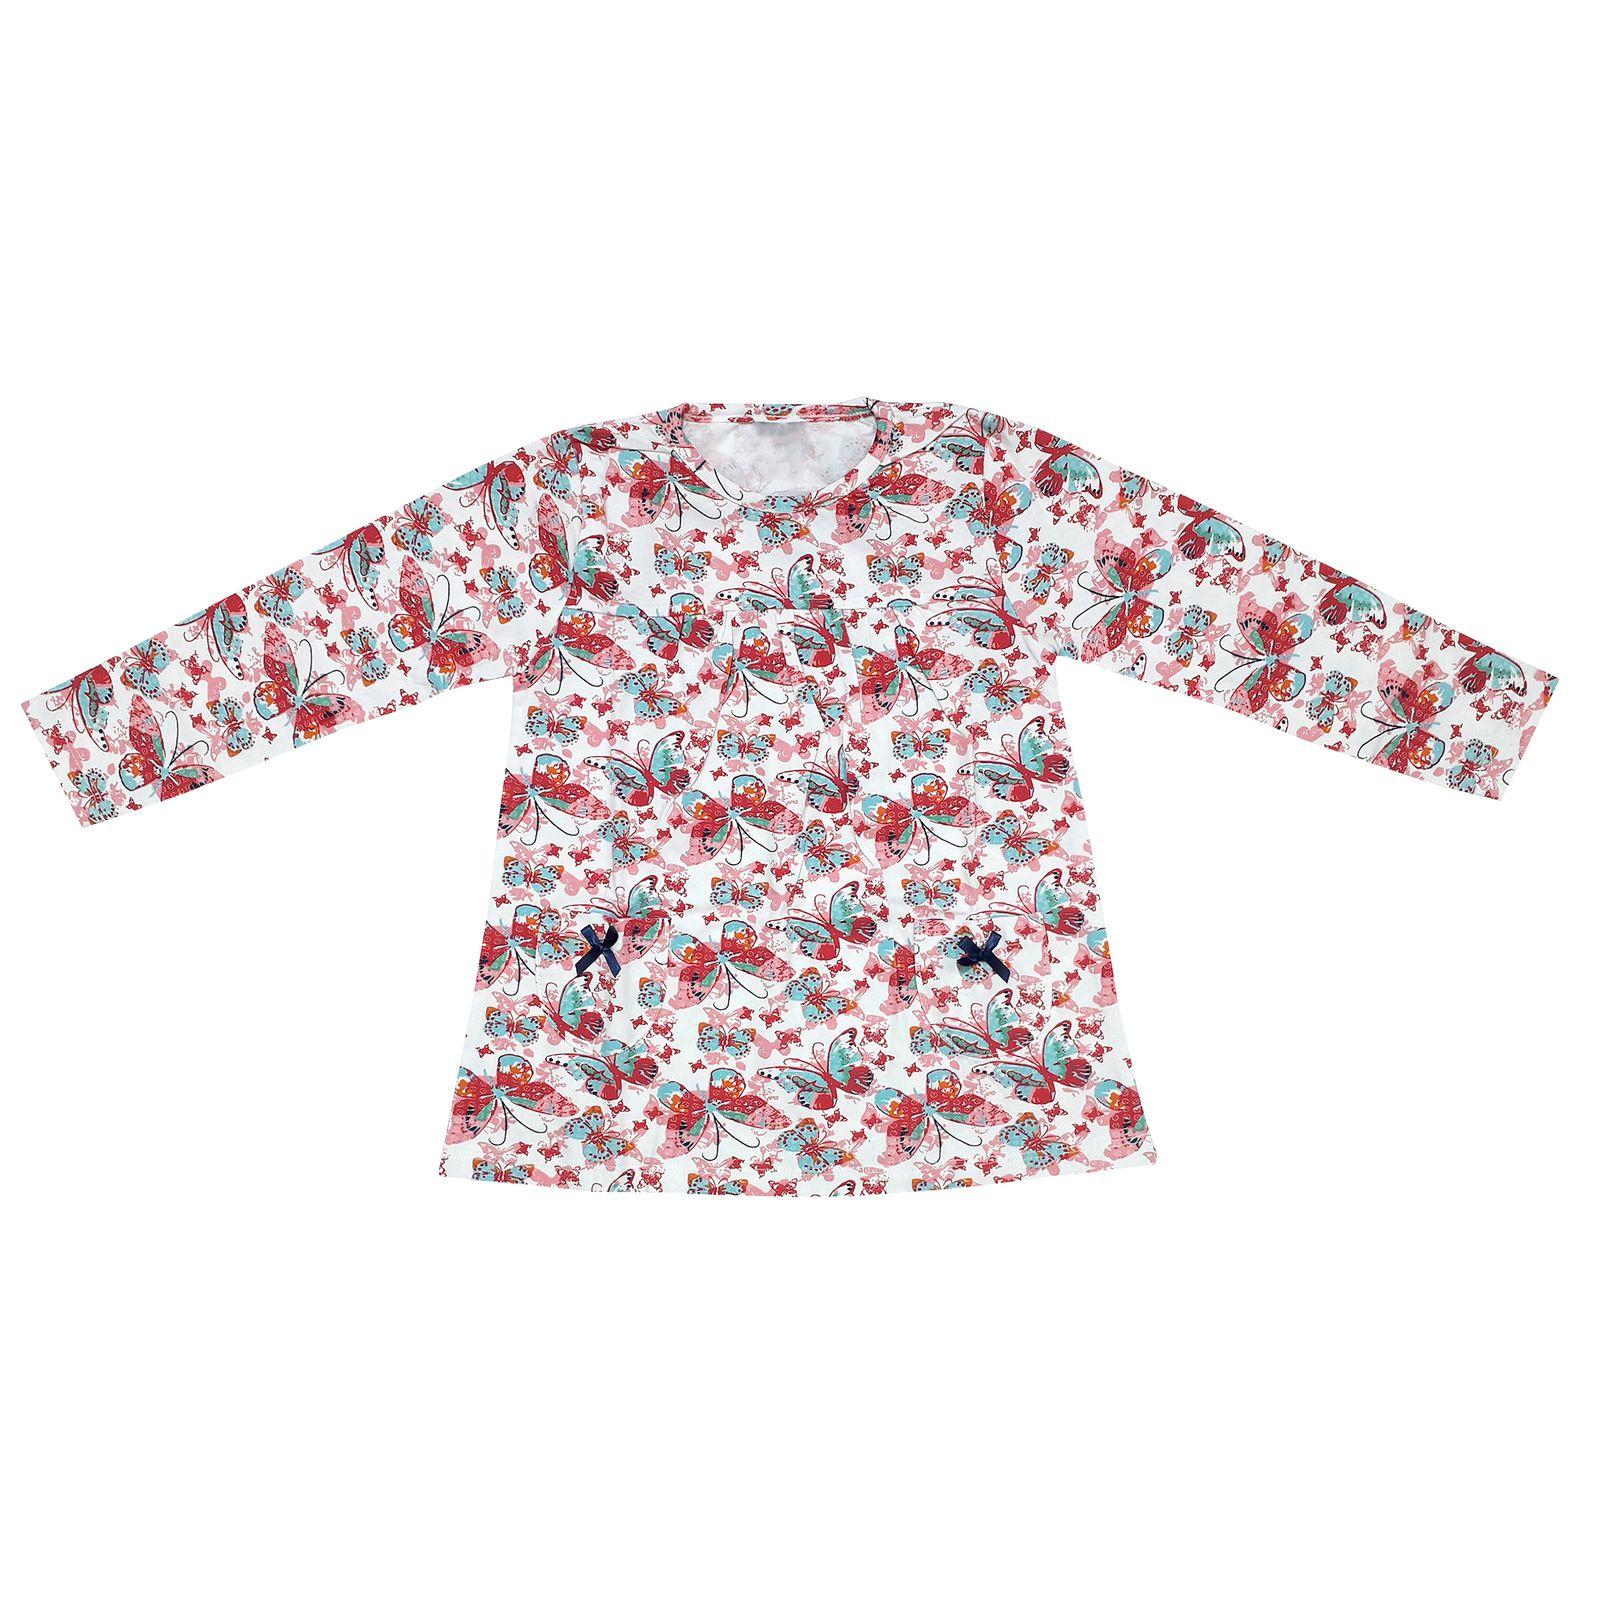 ست تی شرت و شلوار دخترانه طرح پروانه کد 3072 رنگ سفید -  - 5